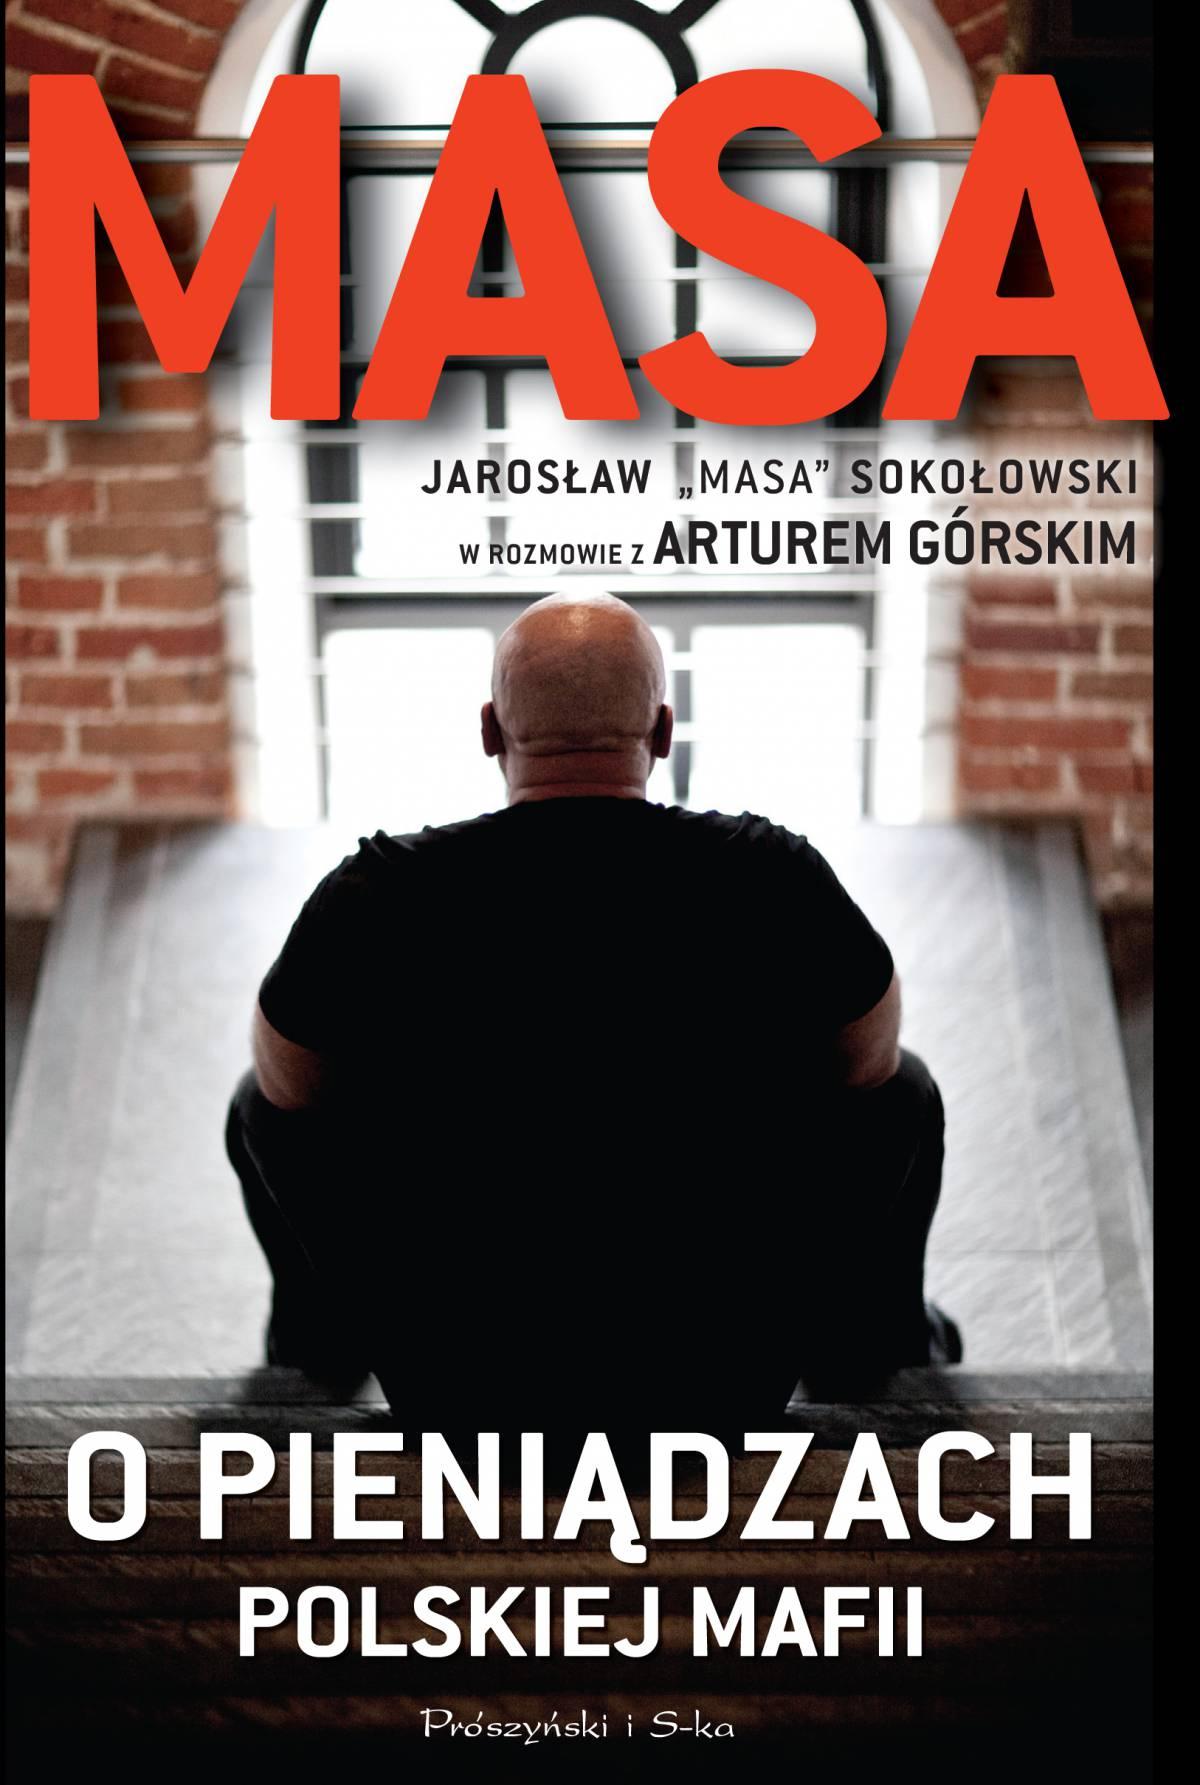 Masa o pieniądzach polskiej mafii - Ebook (Książka EPUB) do pobrania w formacie EPUB